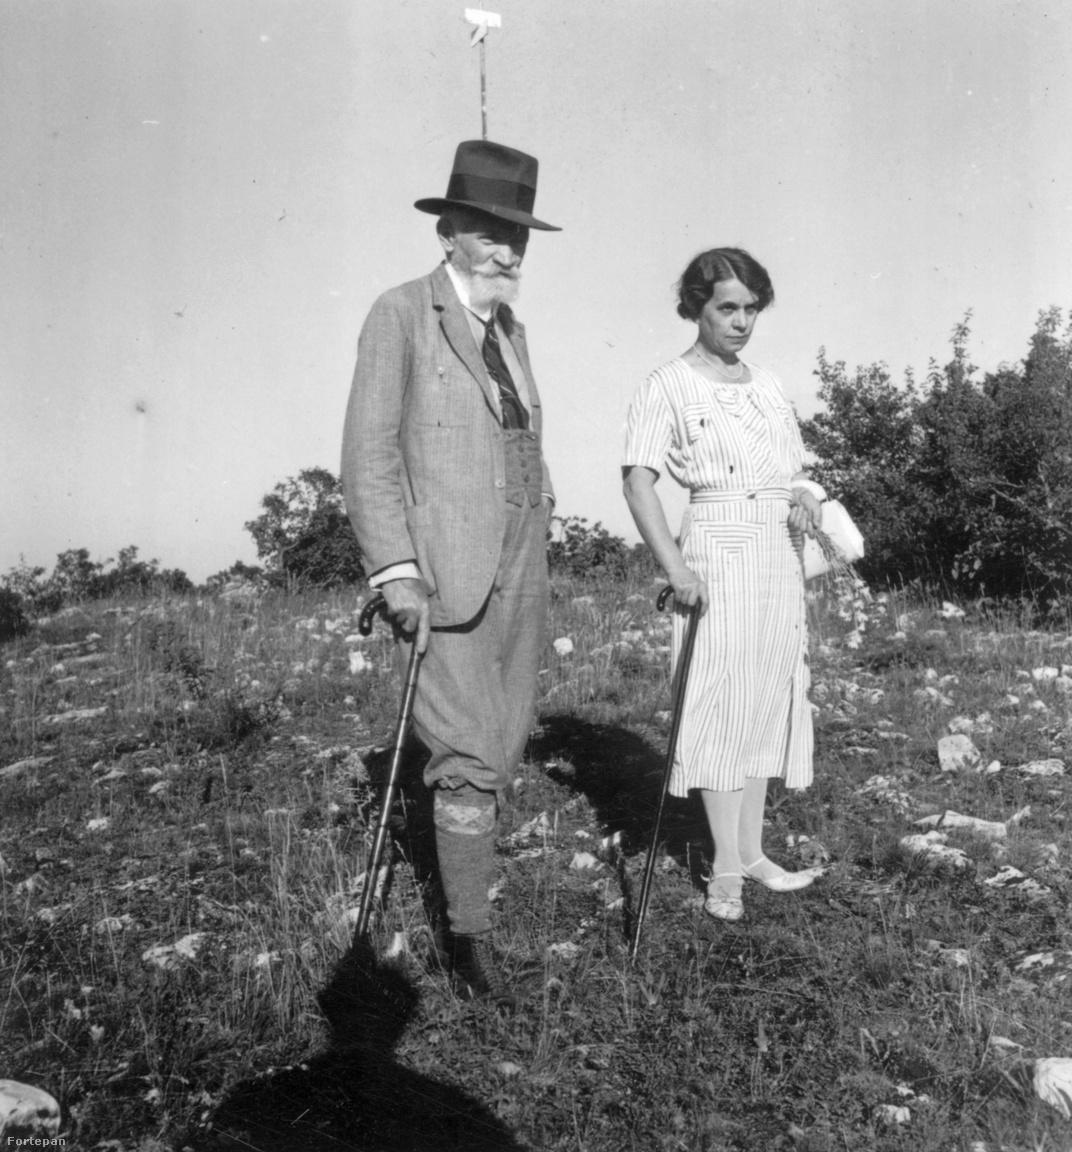 1936. Magyarország, Balatonfüred Cholnoky Jenő földrajztudós feleségével, Fink Idával.